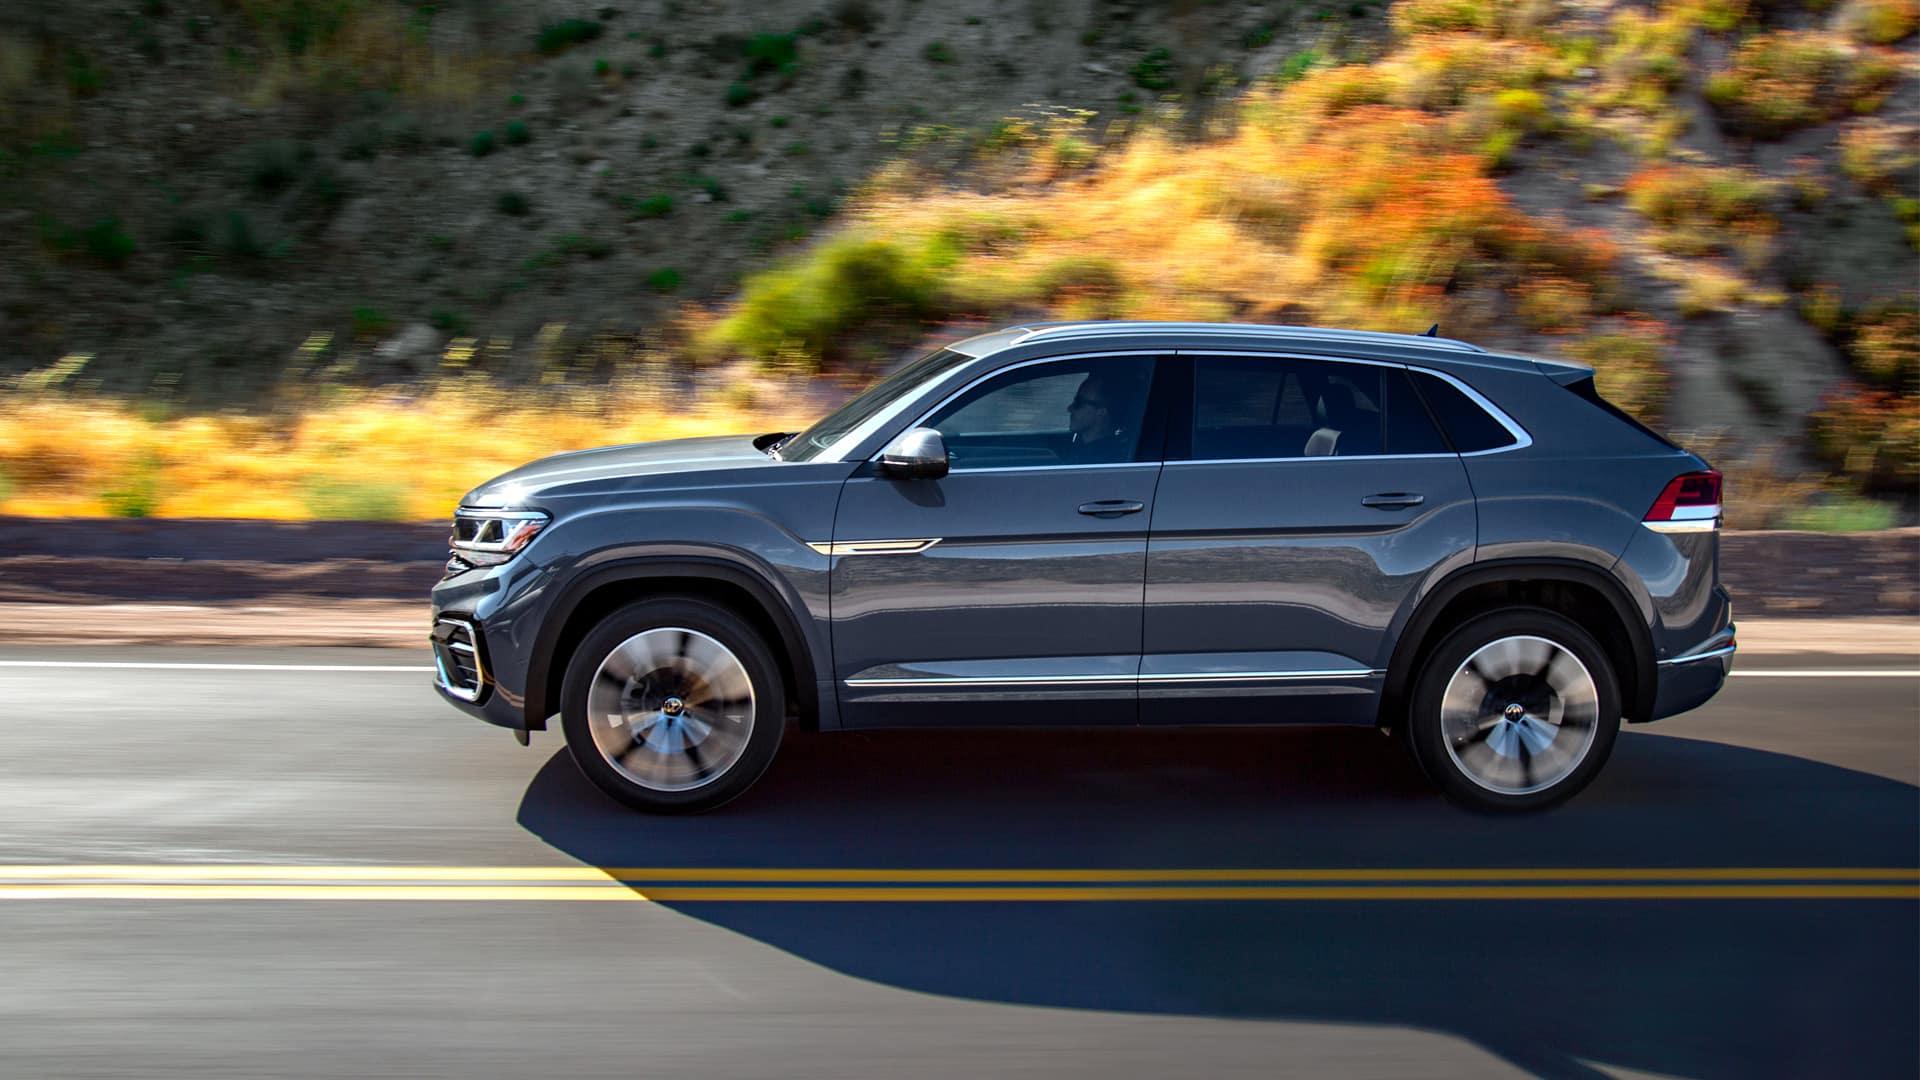 VW Atlas driving in the desert